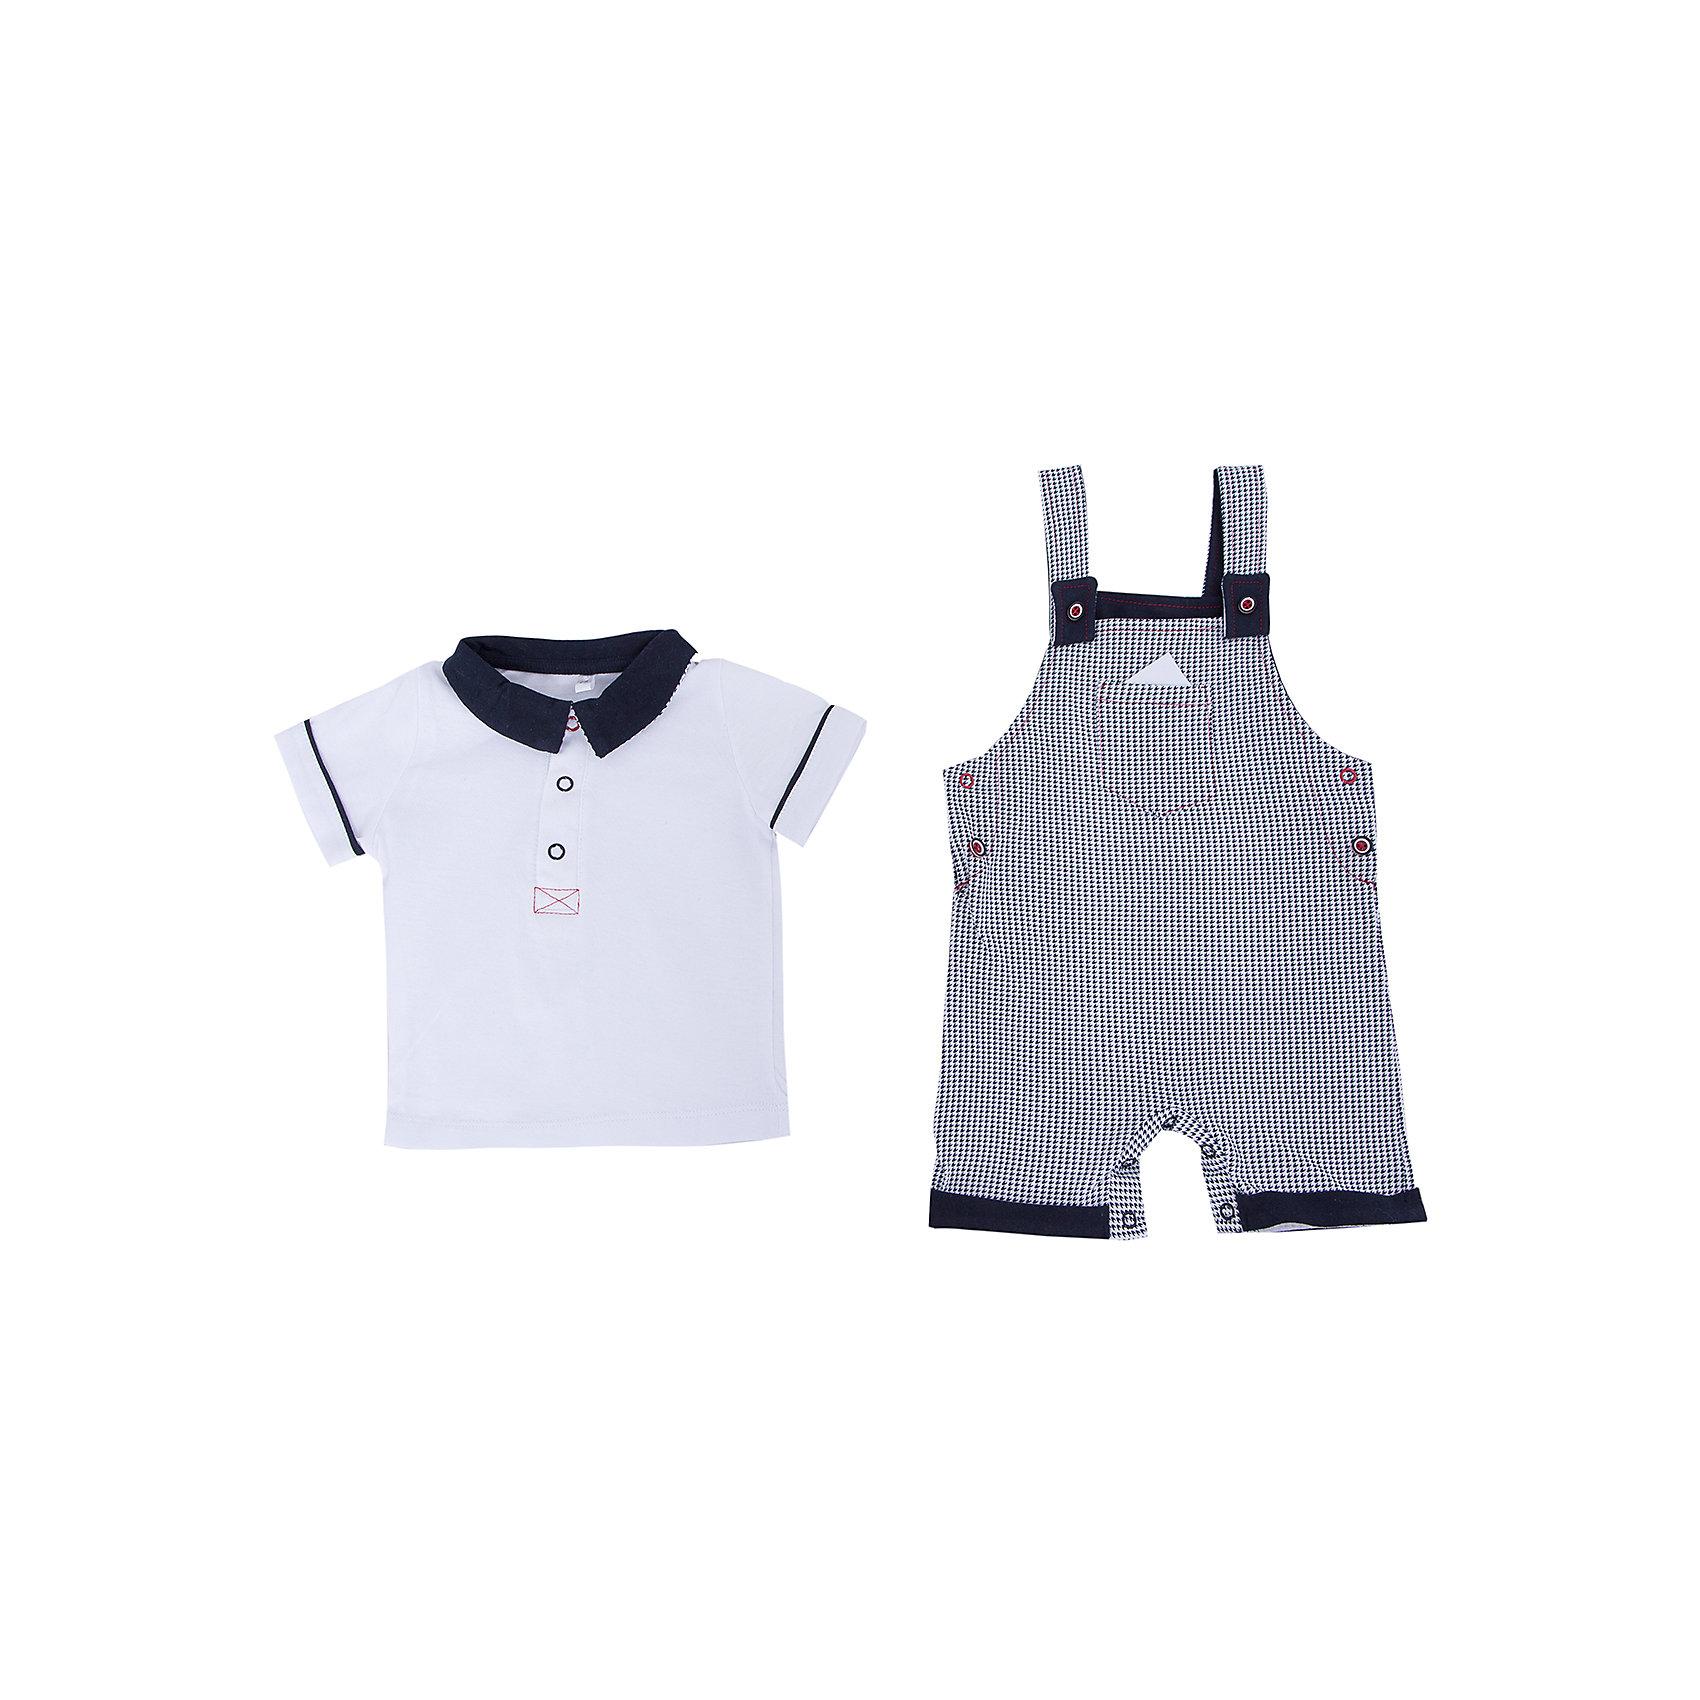 Комплект: футболка и полукомбинезон для мальчика Soni KidsКомплект: футболка и полукомбинезон для мальчика от популярной марки Soni Kids <br> <br>Нарядный и удобный набор в черно-белой гамме сшит из мягкого дышащего хлопка. Это гипоаллергенный материал, который отлично подходит для детской одежды. Правильный крой обеспечит ребенку удобство, не будет натирать и стеснять движения. <br> <br>Особенности модели: <br> <br>- цвет - белый, черный; <br>- материал - натуральный хлопок; <br>- на груди - кармашек; <br>- отложной воротник; <br>- рукава короткие, с отделкой; <br>- застежки - кнопки на груди и внизу. <br> <br>Дополнительная информация: <br> <br>Состав: 100% хлопок <br> <br>Комплект: футболка и полукомбинезон для мальчика от популярной марки Soni Kids (Сони Кидс) можно купить в нашем магазине.<br><br>Ширина мм: 157<br>Глубина мм: 13<br>Высота мм: 119<br>Вес г: 200<br>Цвет: белый/серый<br>Возраст от месяцев: 3<br>Возраст до месяцев: 6<br>Пол: Мужской<br>Возраст: Детский<br>Размер: 68,86,74,80<br>SKU: 4545051